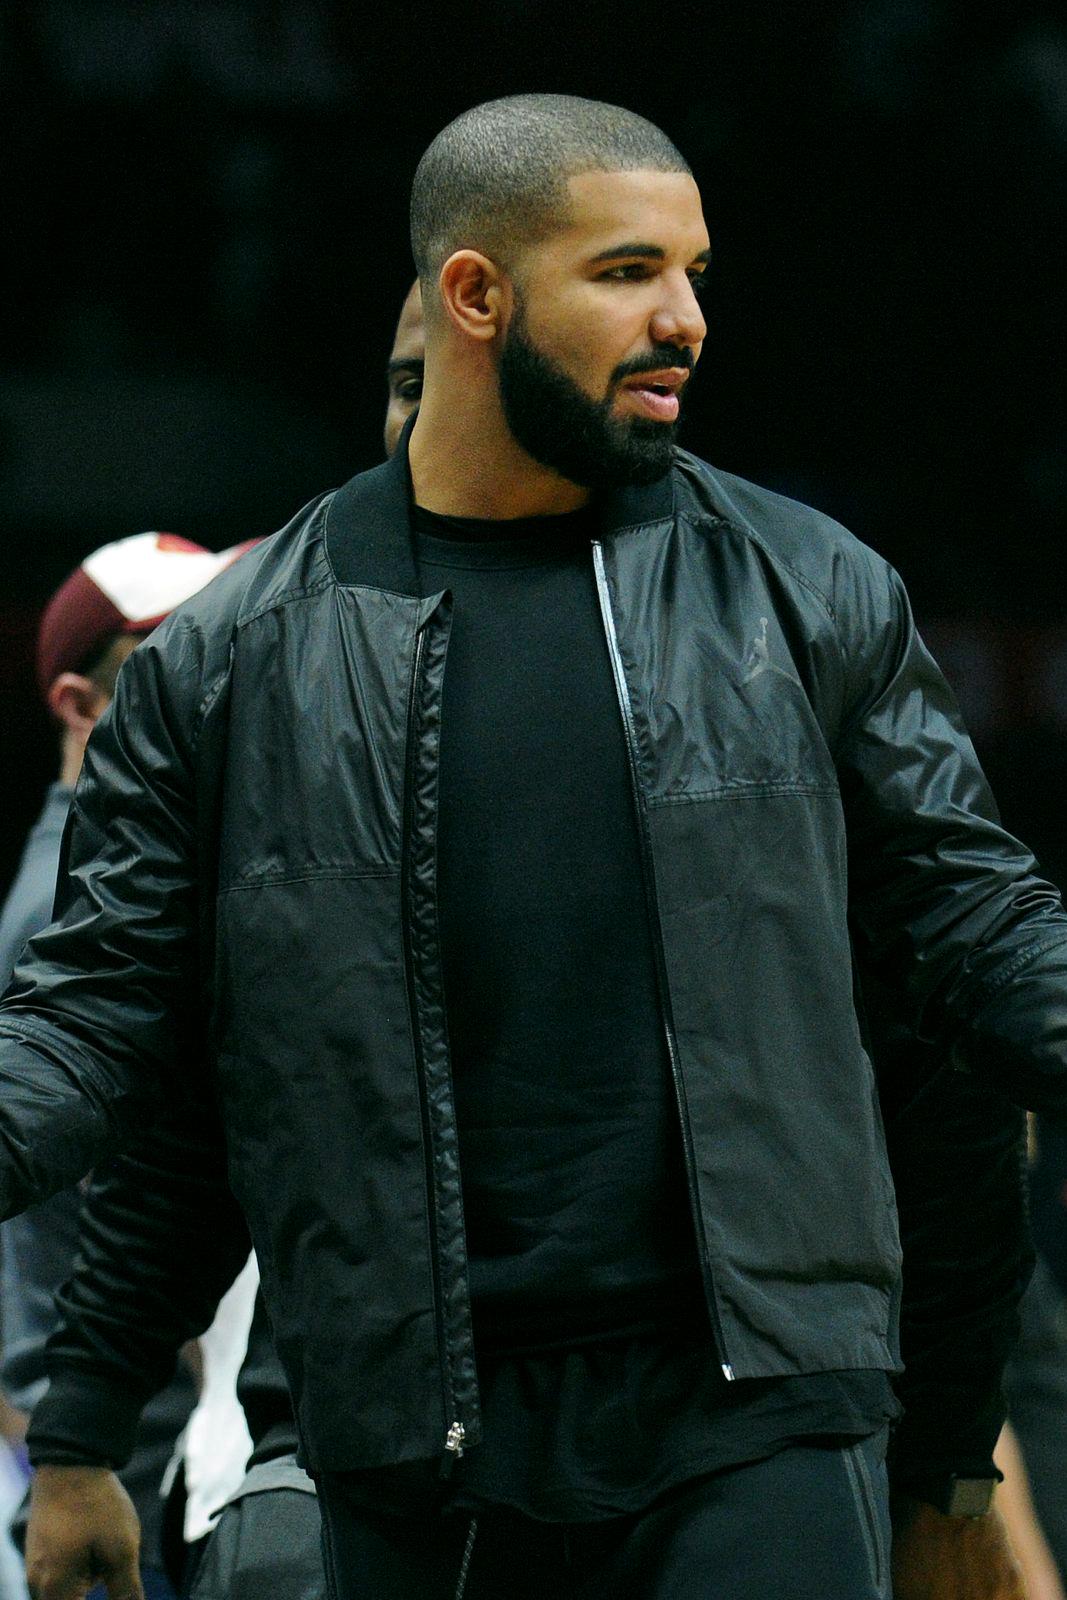 Manhood Bomber Jacket Leather Jacket Fashion [ 1600 x 1067 Pixel ]